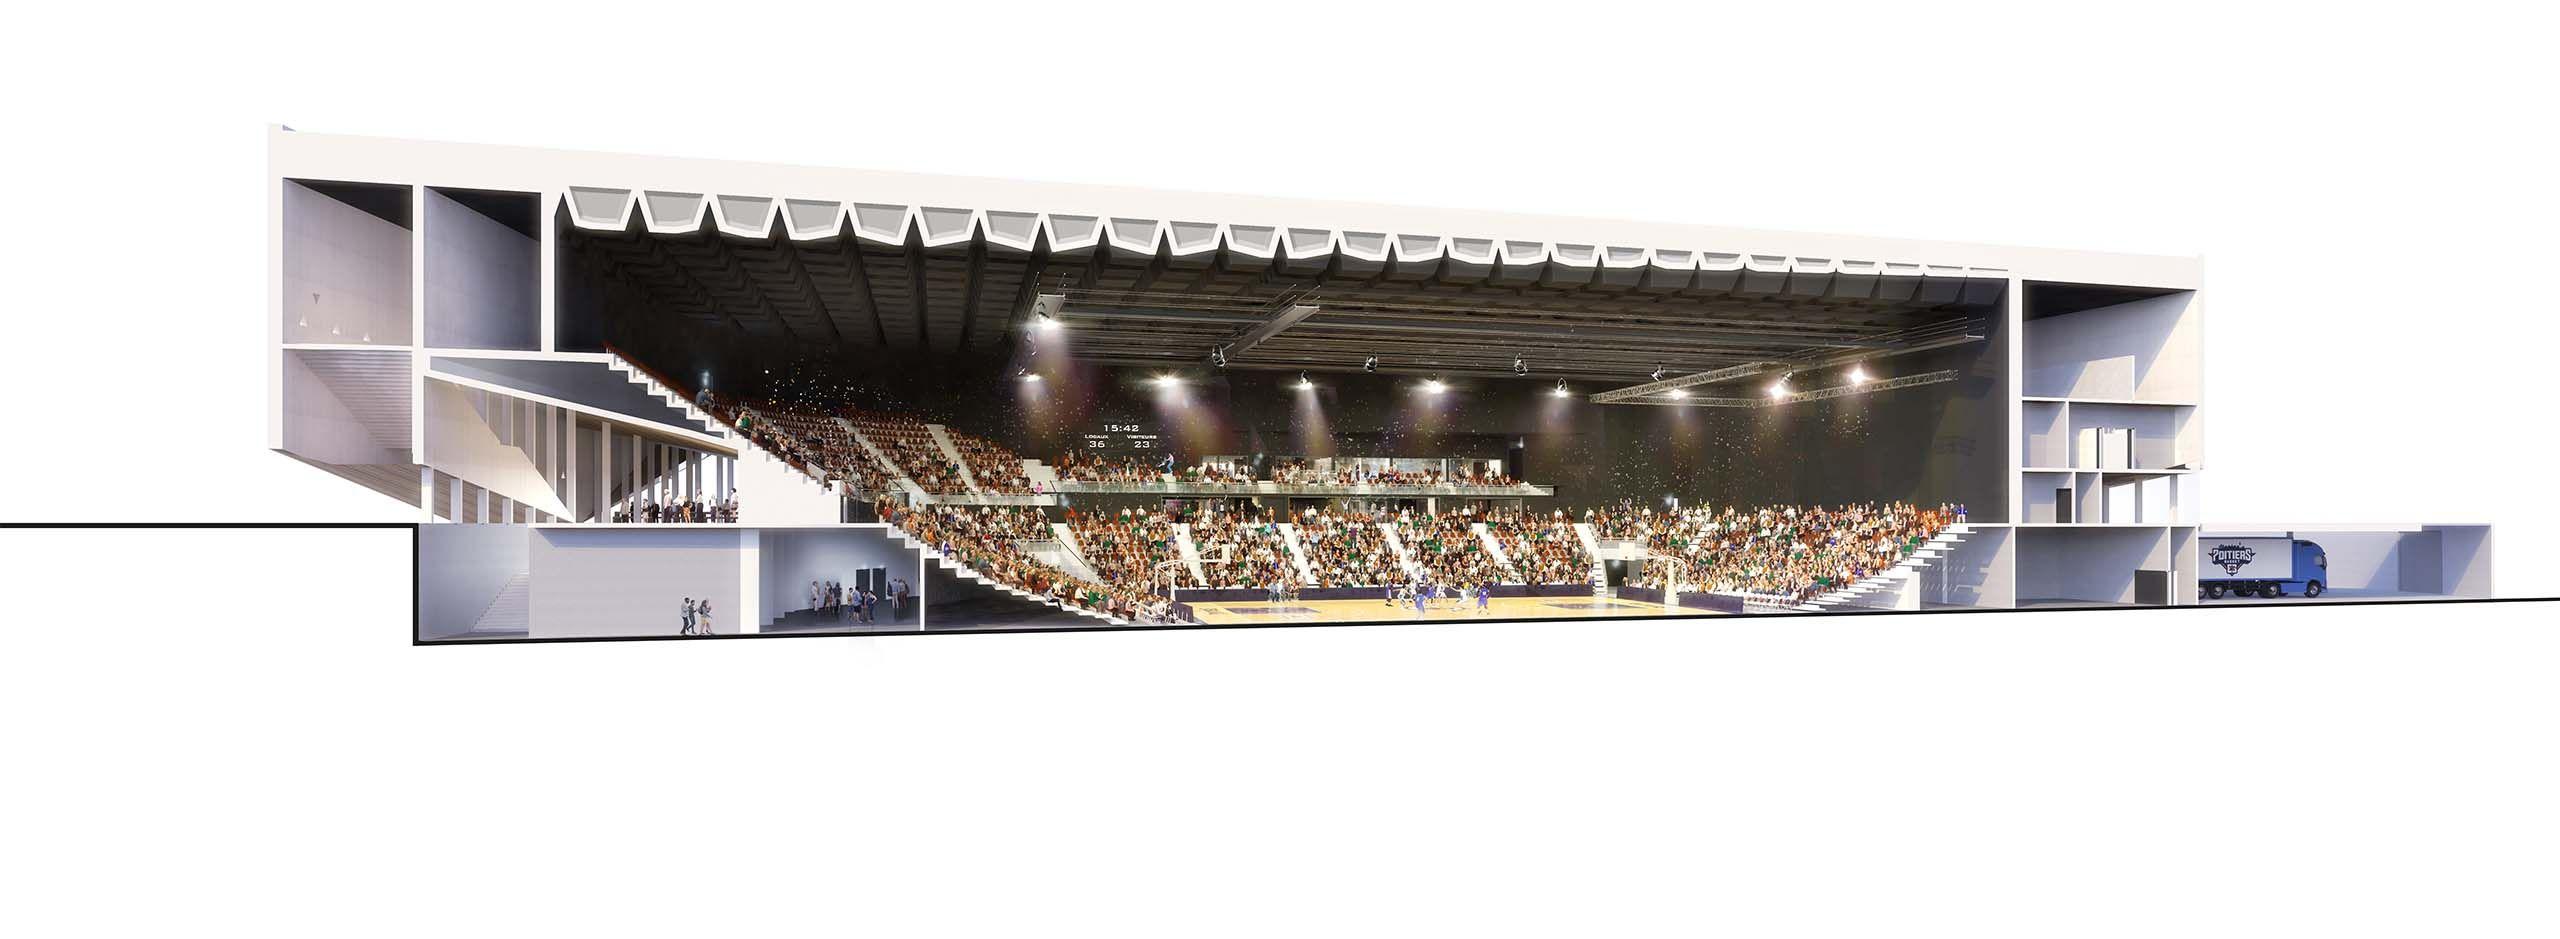 « Arena Futuroscope » grande salle de spectacles et de sports · décembre 2021 - Page 7 2988-coupe-pers-plan-1-2560px-resultat